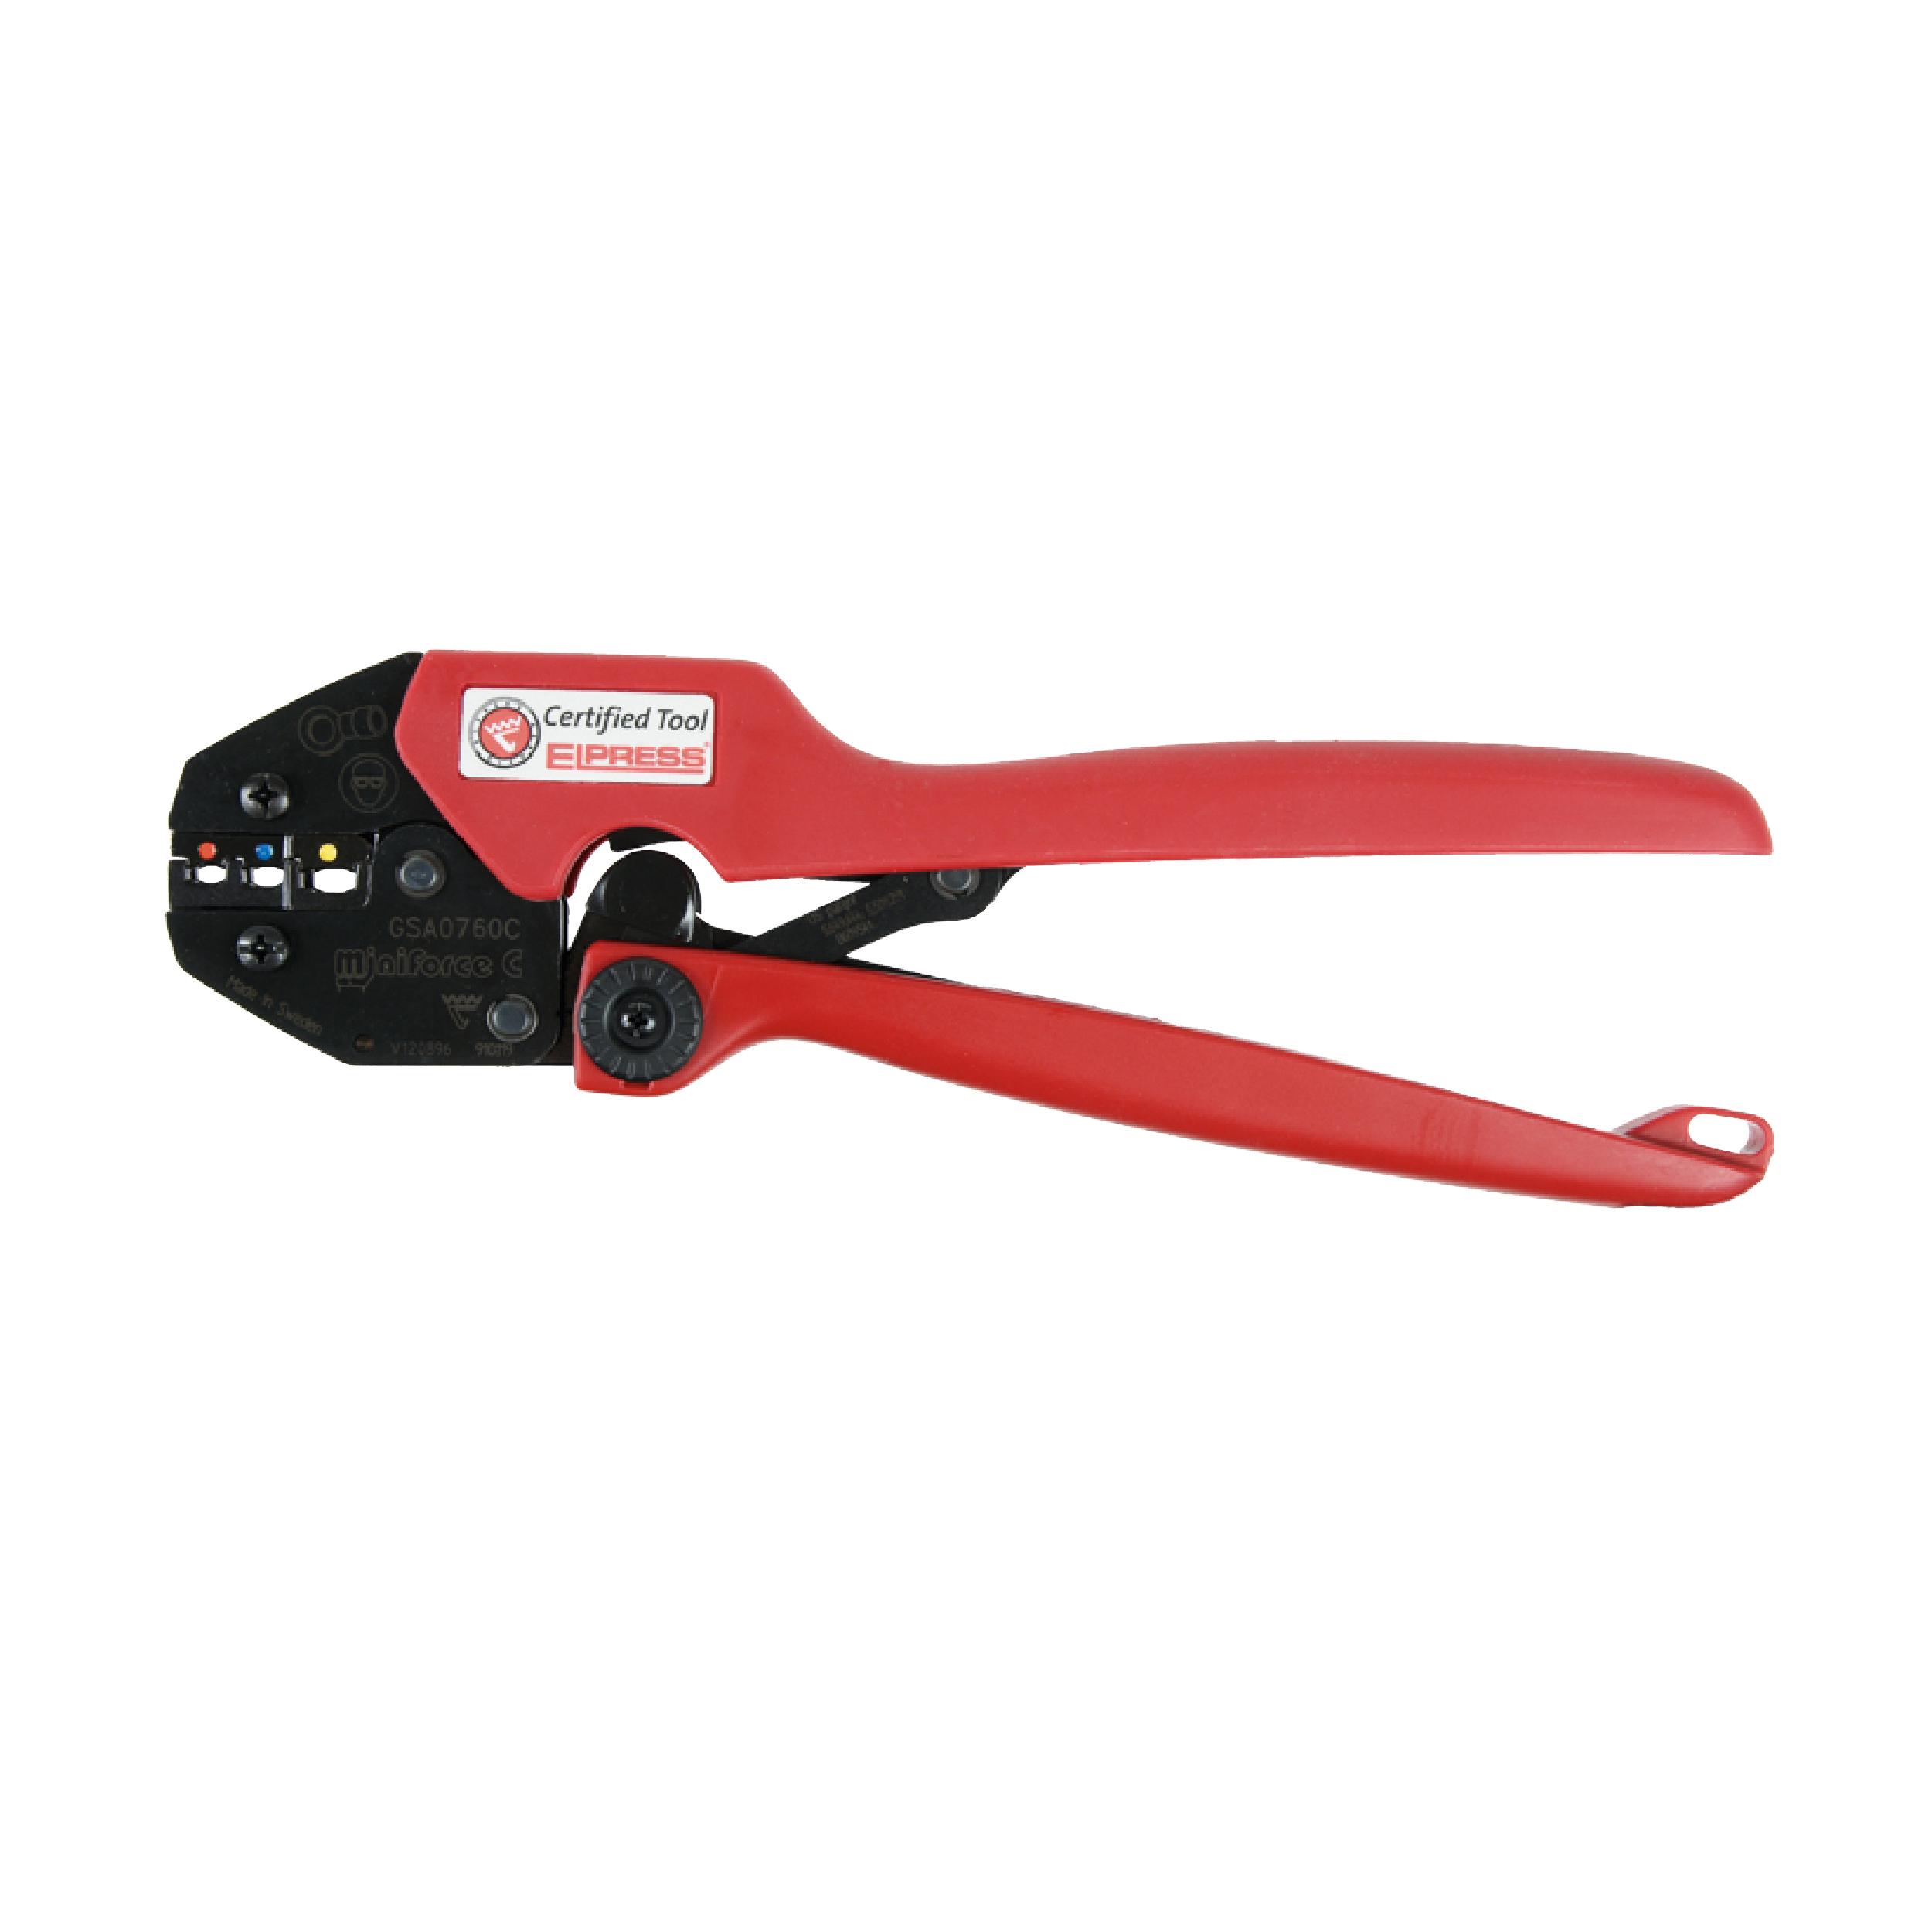 Elpress GSA0760C Miniforce Crimping Tool (0.5-6mm²)